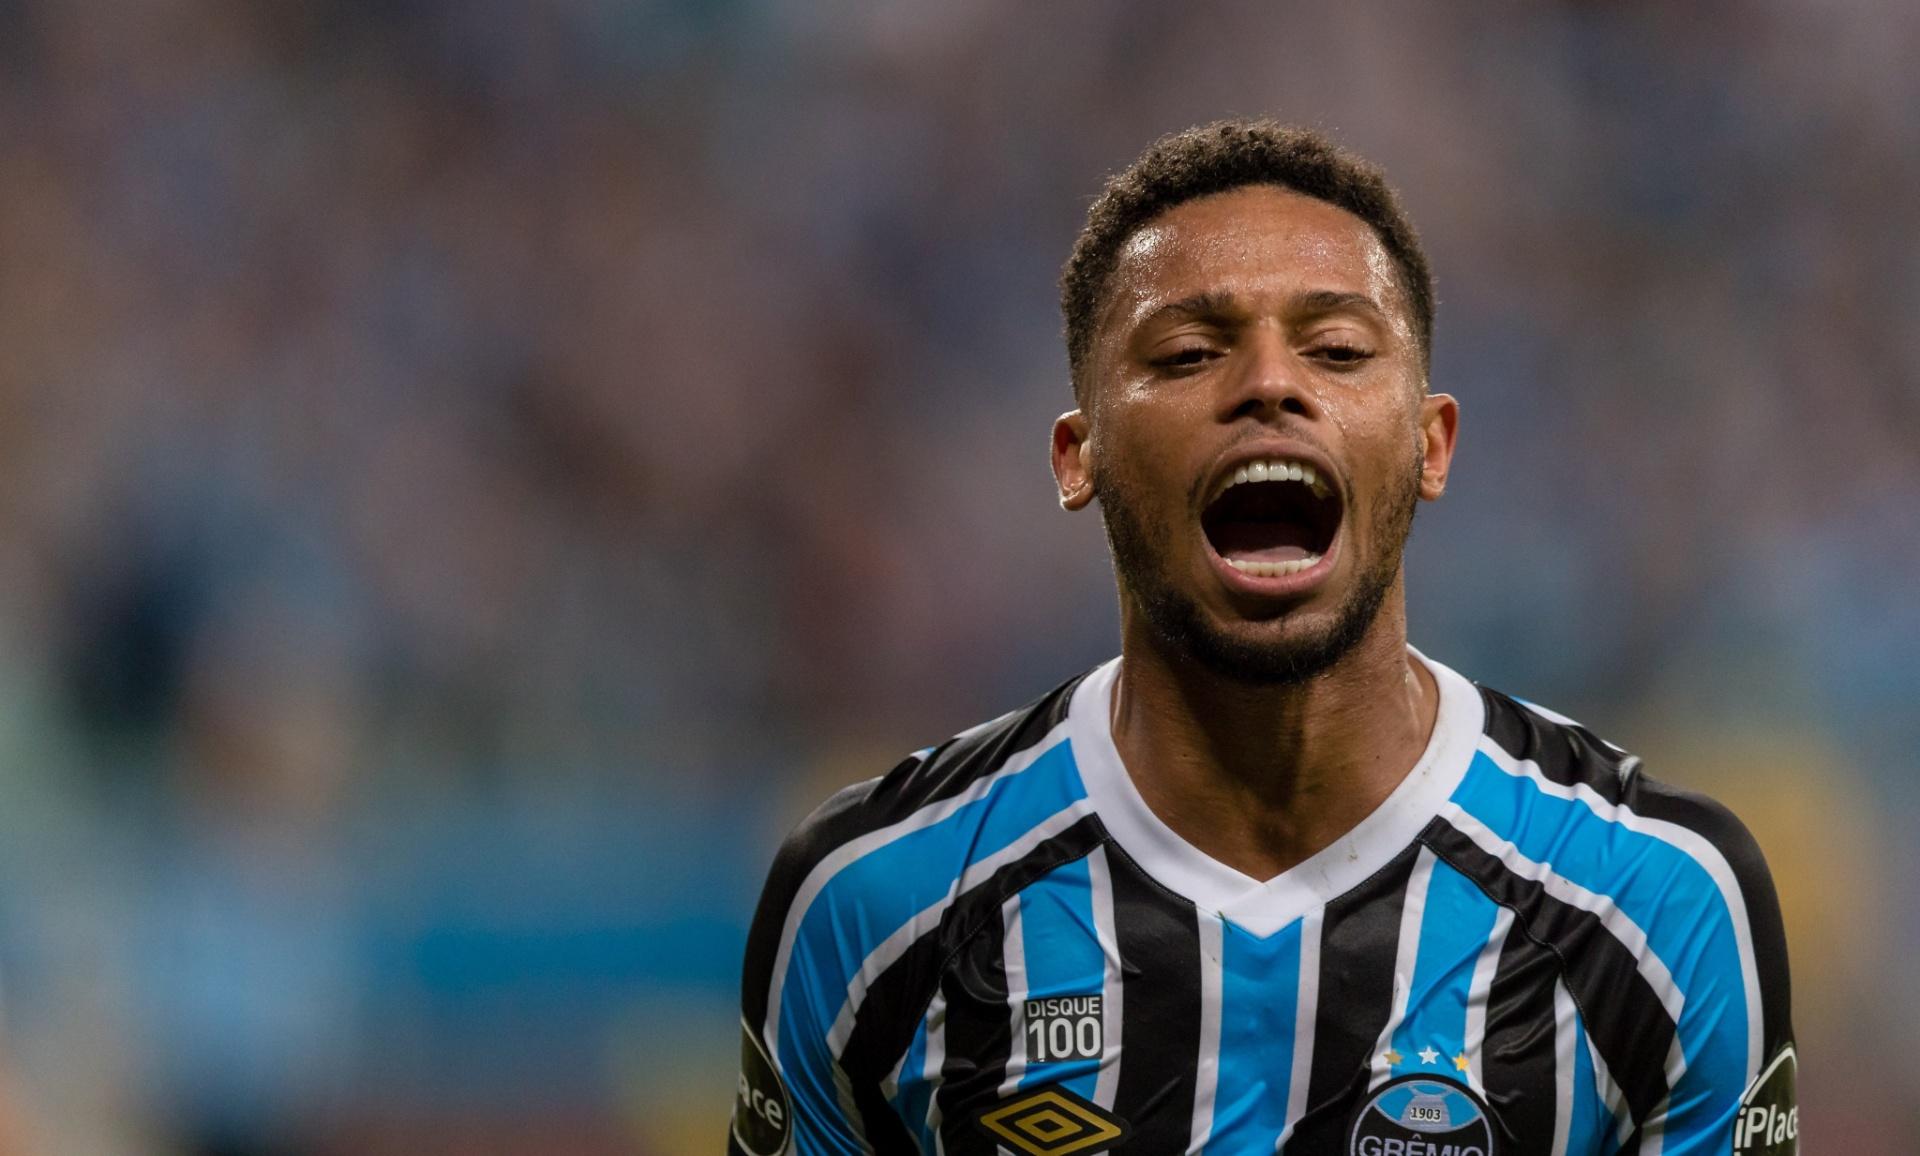 f72ef389d9 Vizeu recria disputa tripla e aumenta dúvida sobre ataque do Grêmio -  13 01 2019 - UOL Esporte